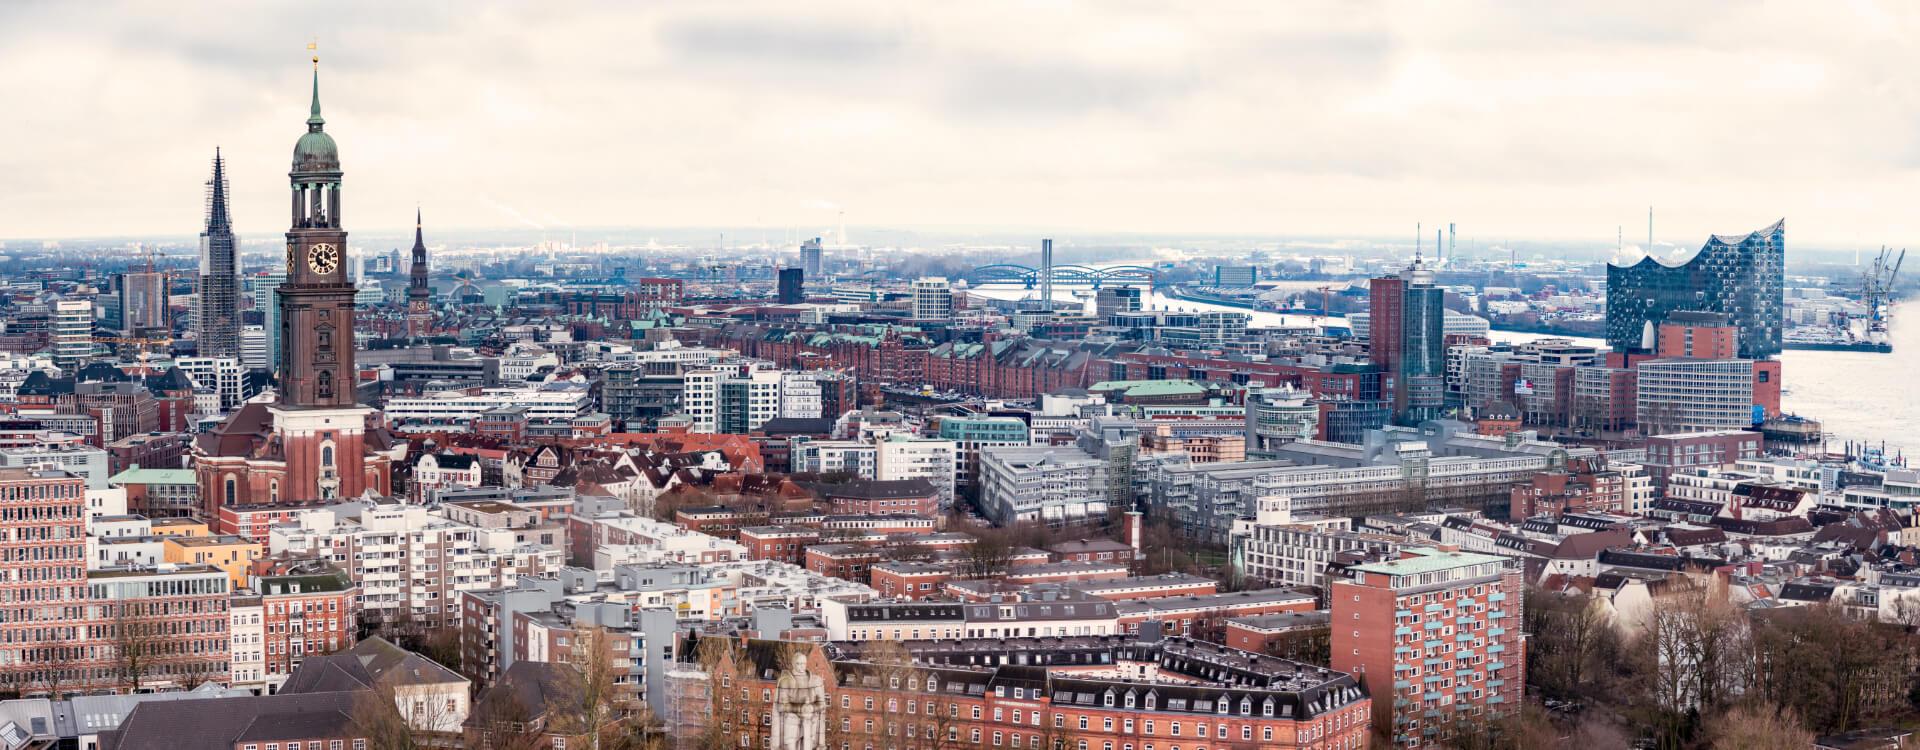 Wettbewerbsstrafrecht und Korruptionsdelikte Hamburg | Mirko Laudon ist Anwalt für Strafrecht in Hamburg